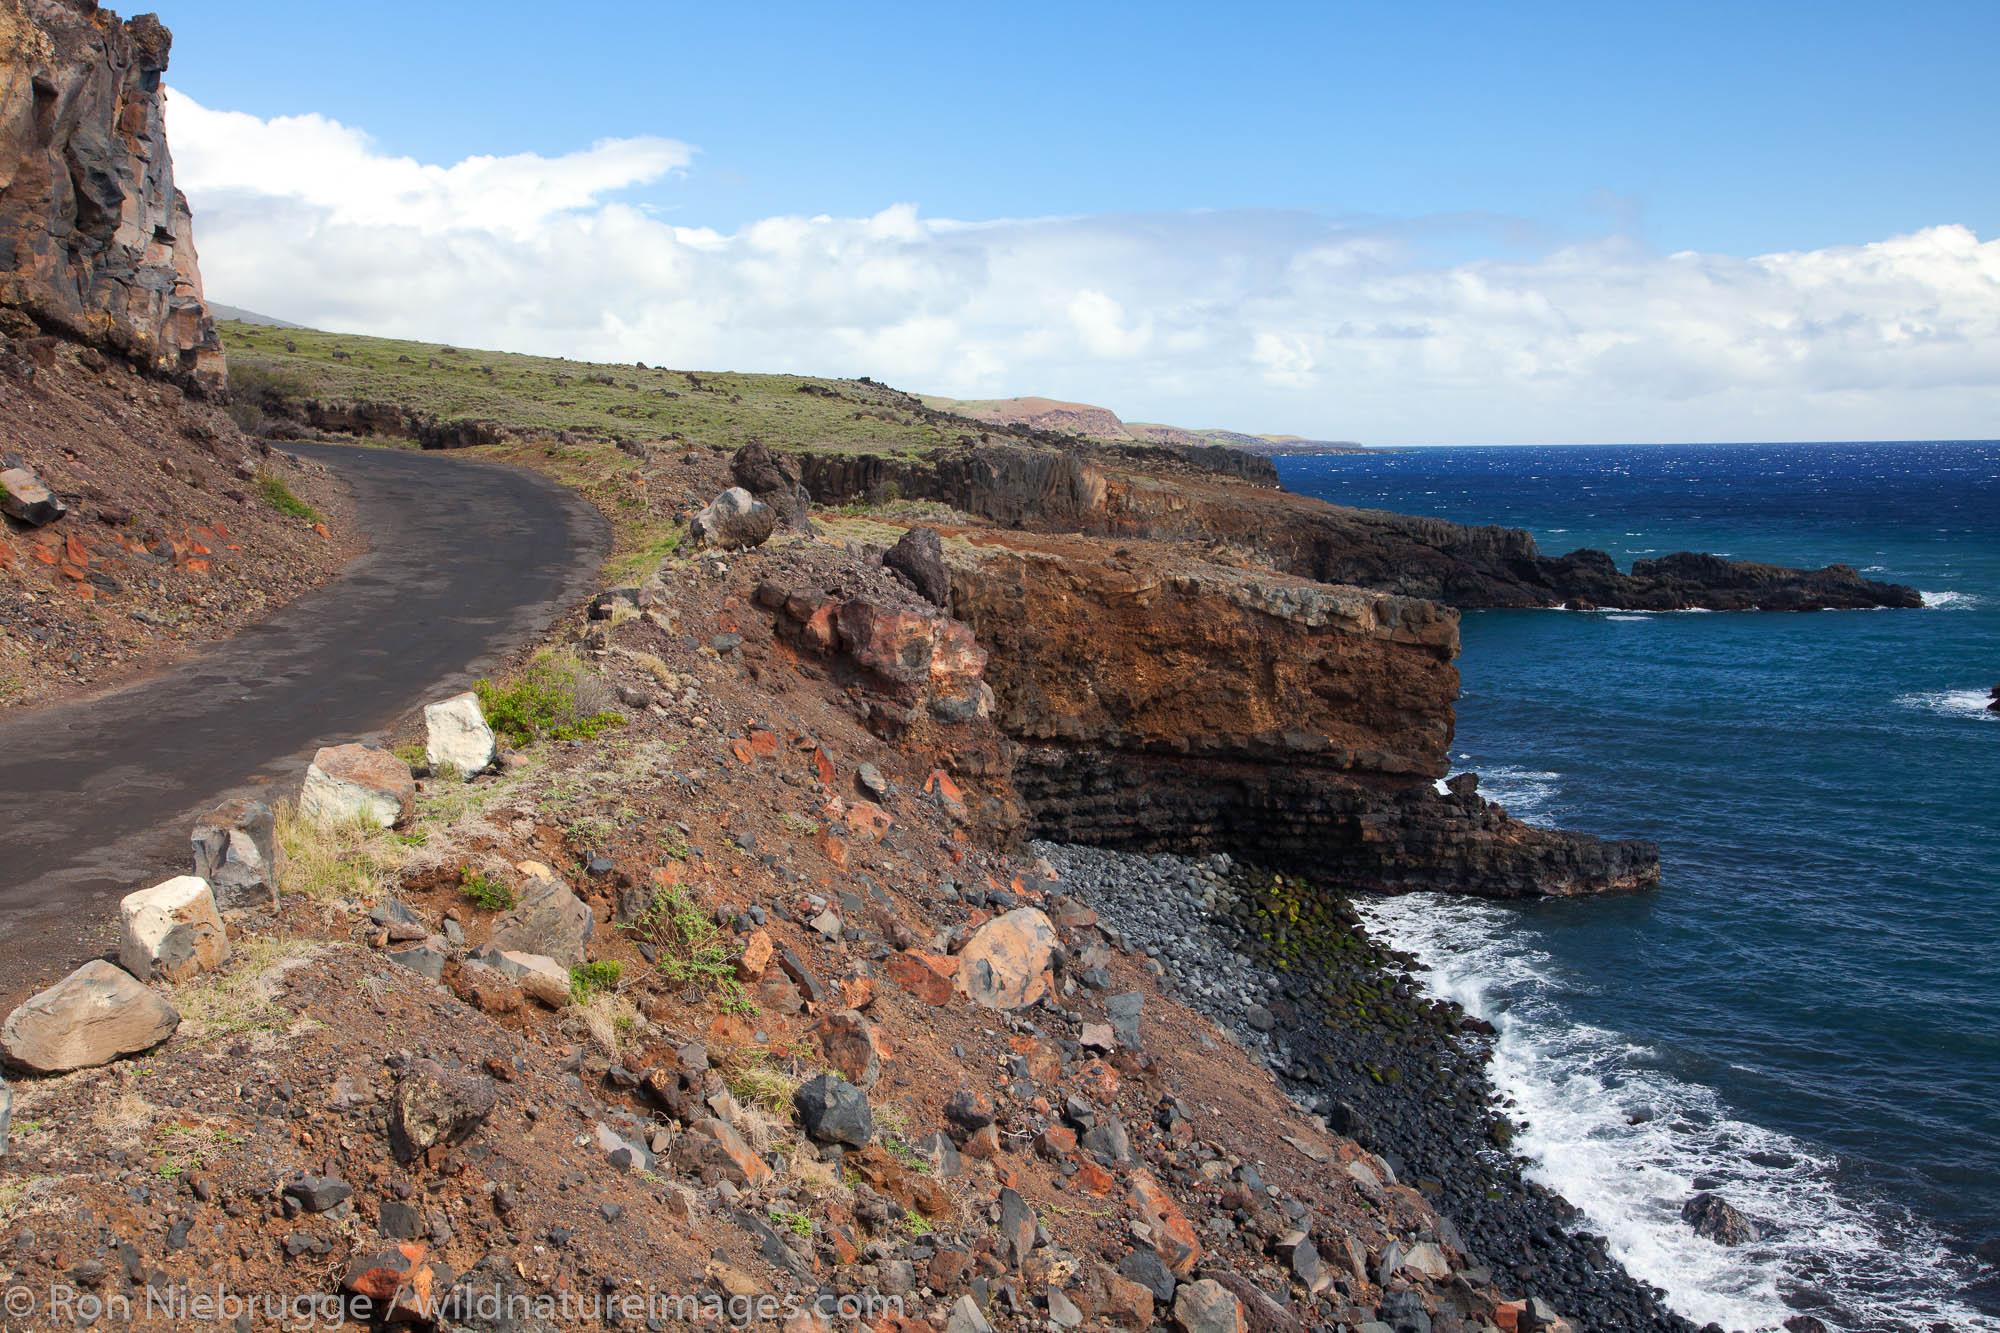 The road past Hana on the Southeast side of Maui, Hawaii.